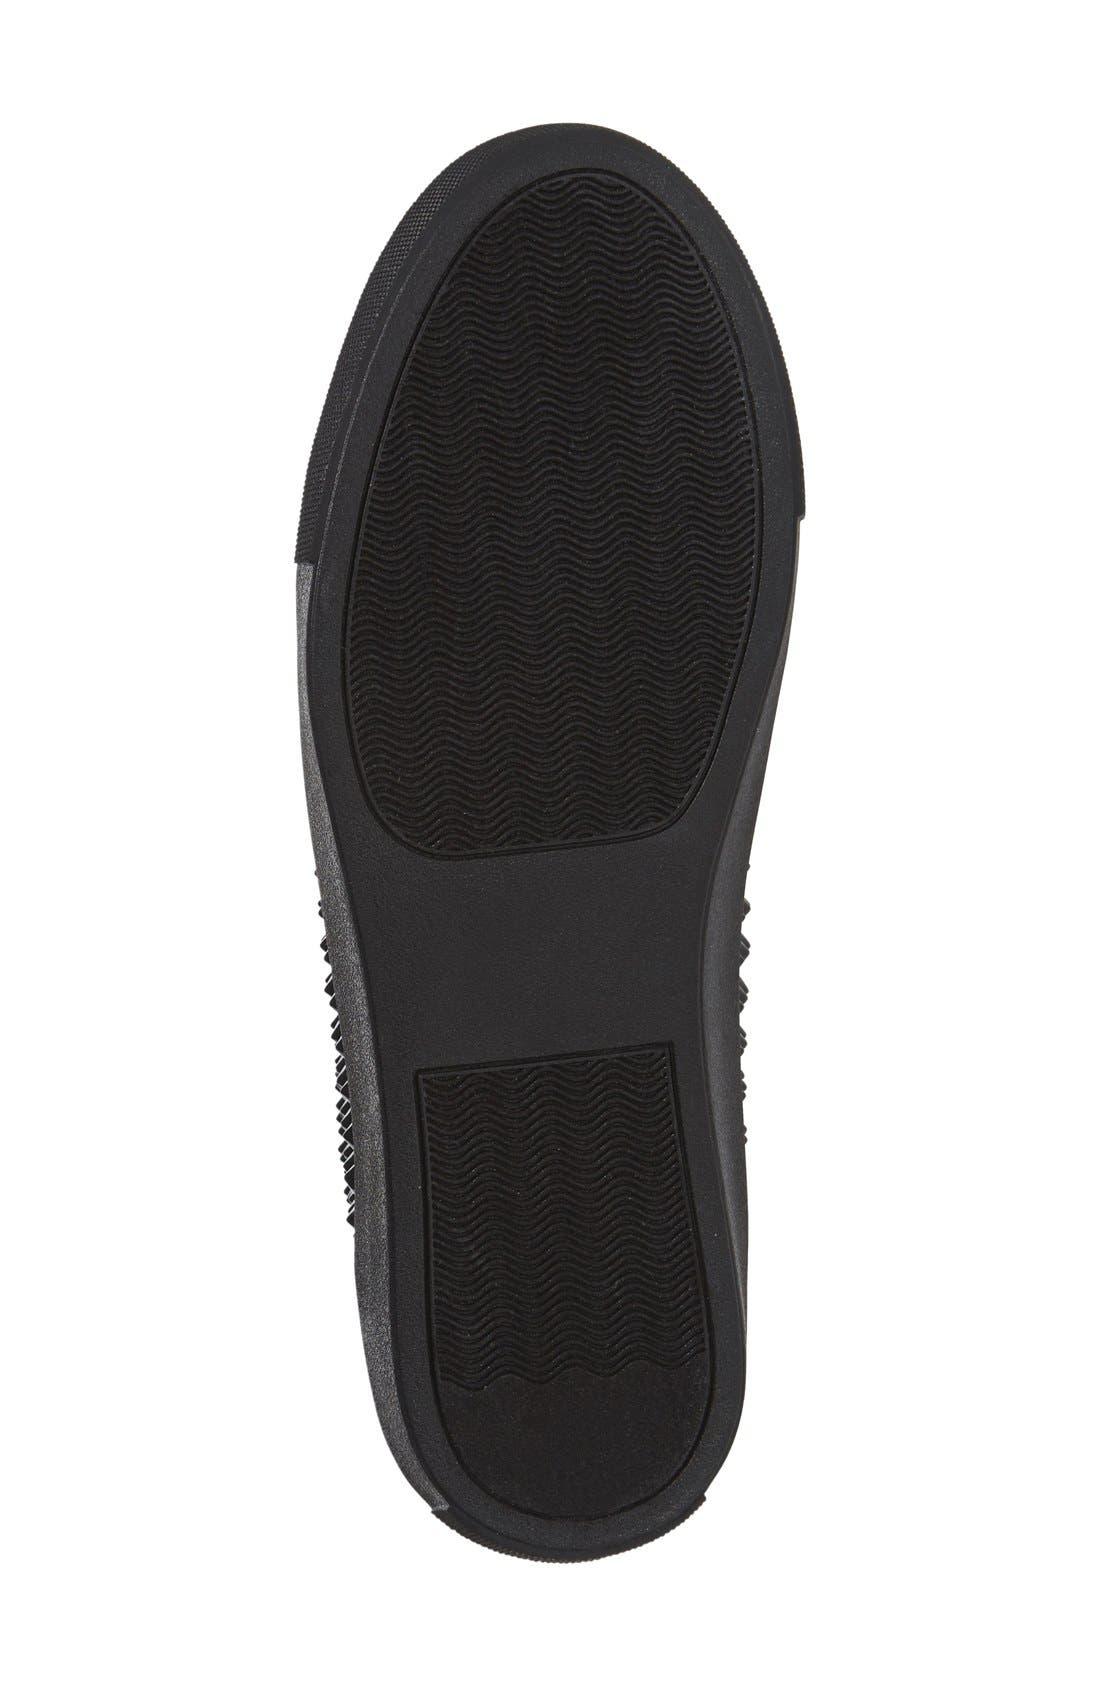 Alternate Image 4  - Steve Madden 'Levels' High Top Sneaker (Women)